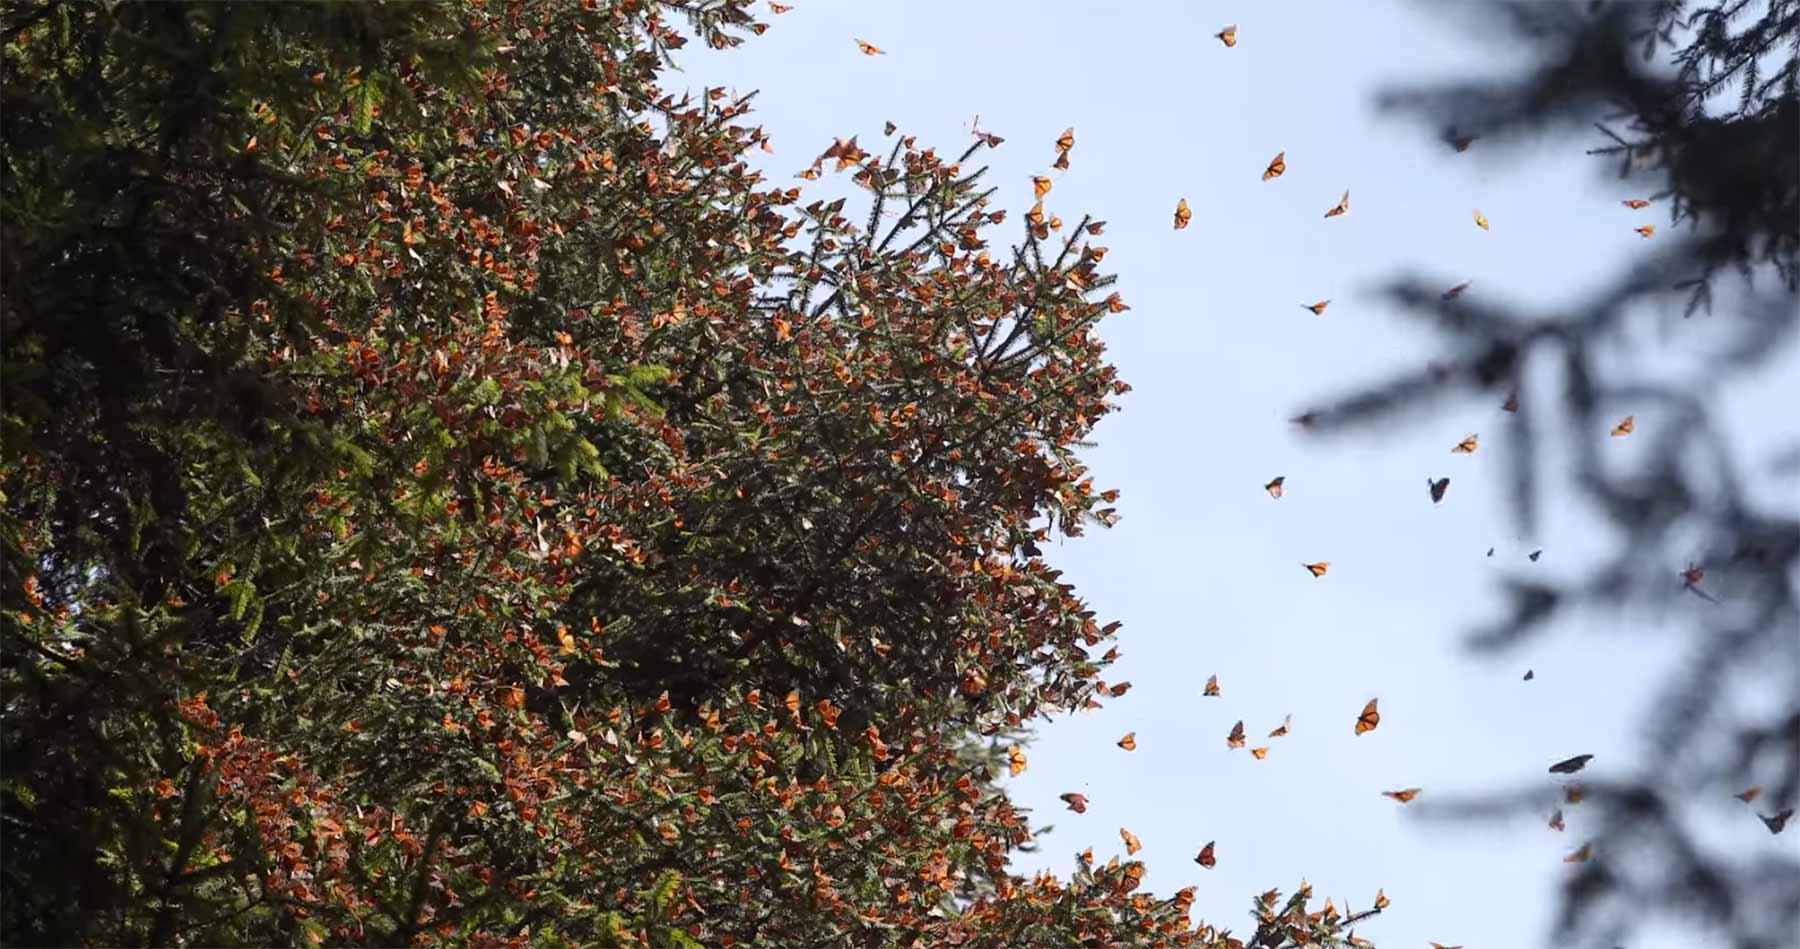 Millionen Schmetterlinge fliegen im Winter an diesen Ort